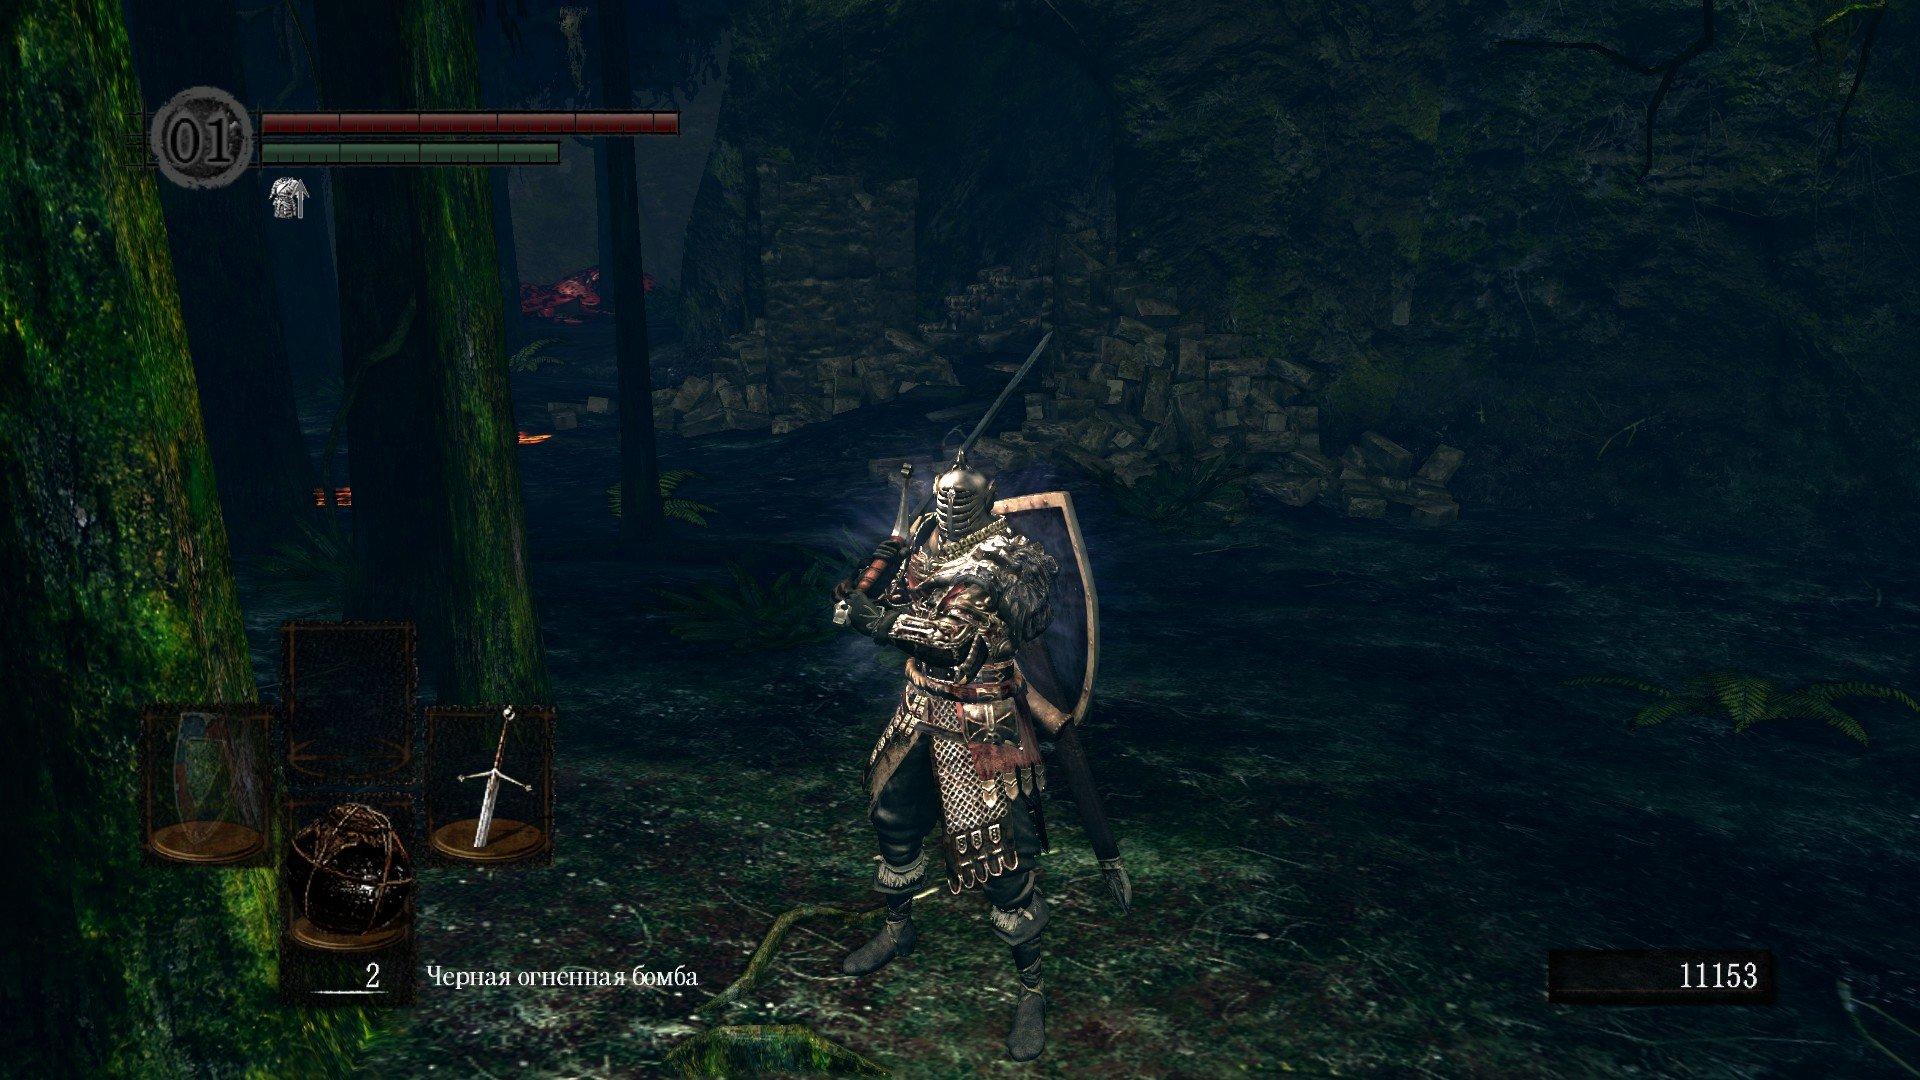 Вопль-прохождение Dark Souls часть 2 ... все в одном посте ... все еще думаю над названием!. - Изображение 8